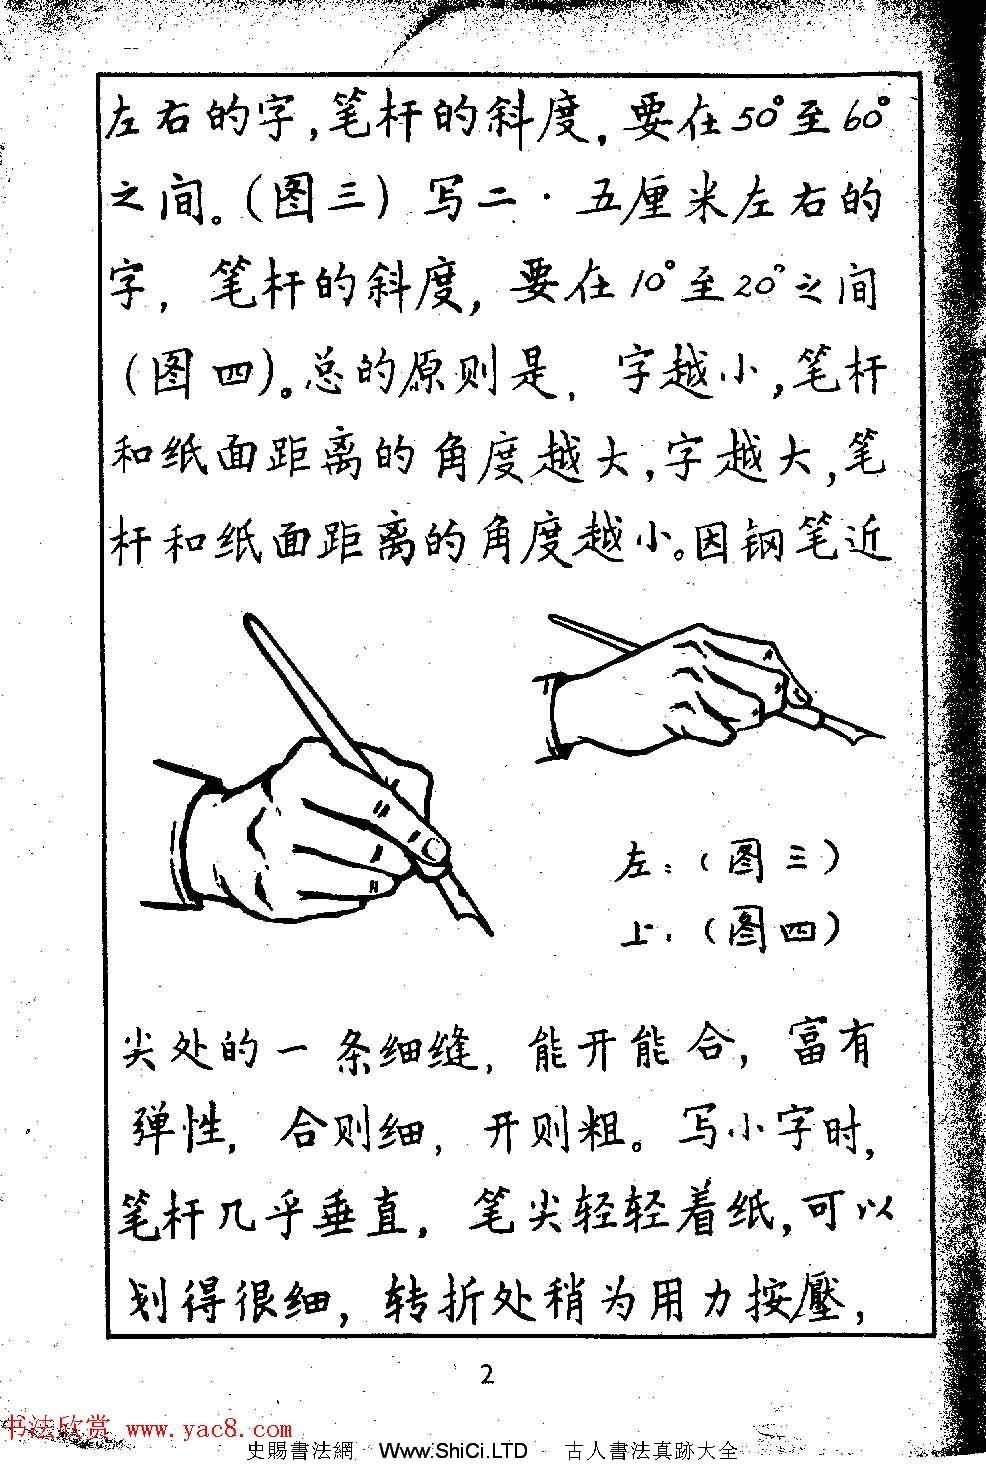 鄧散木硬筆書法教材《鋼筆字寫法》